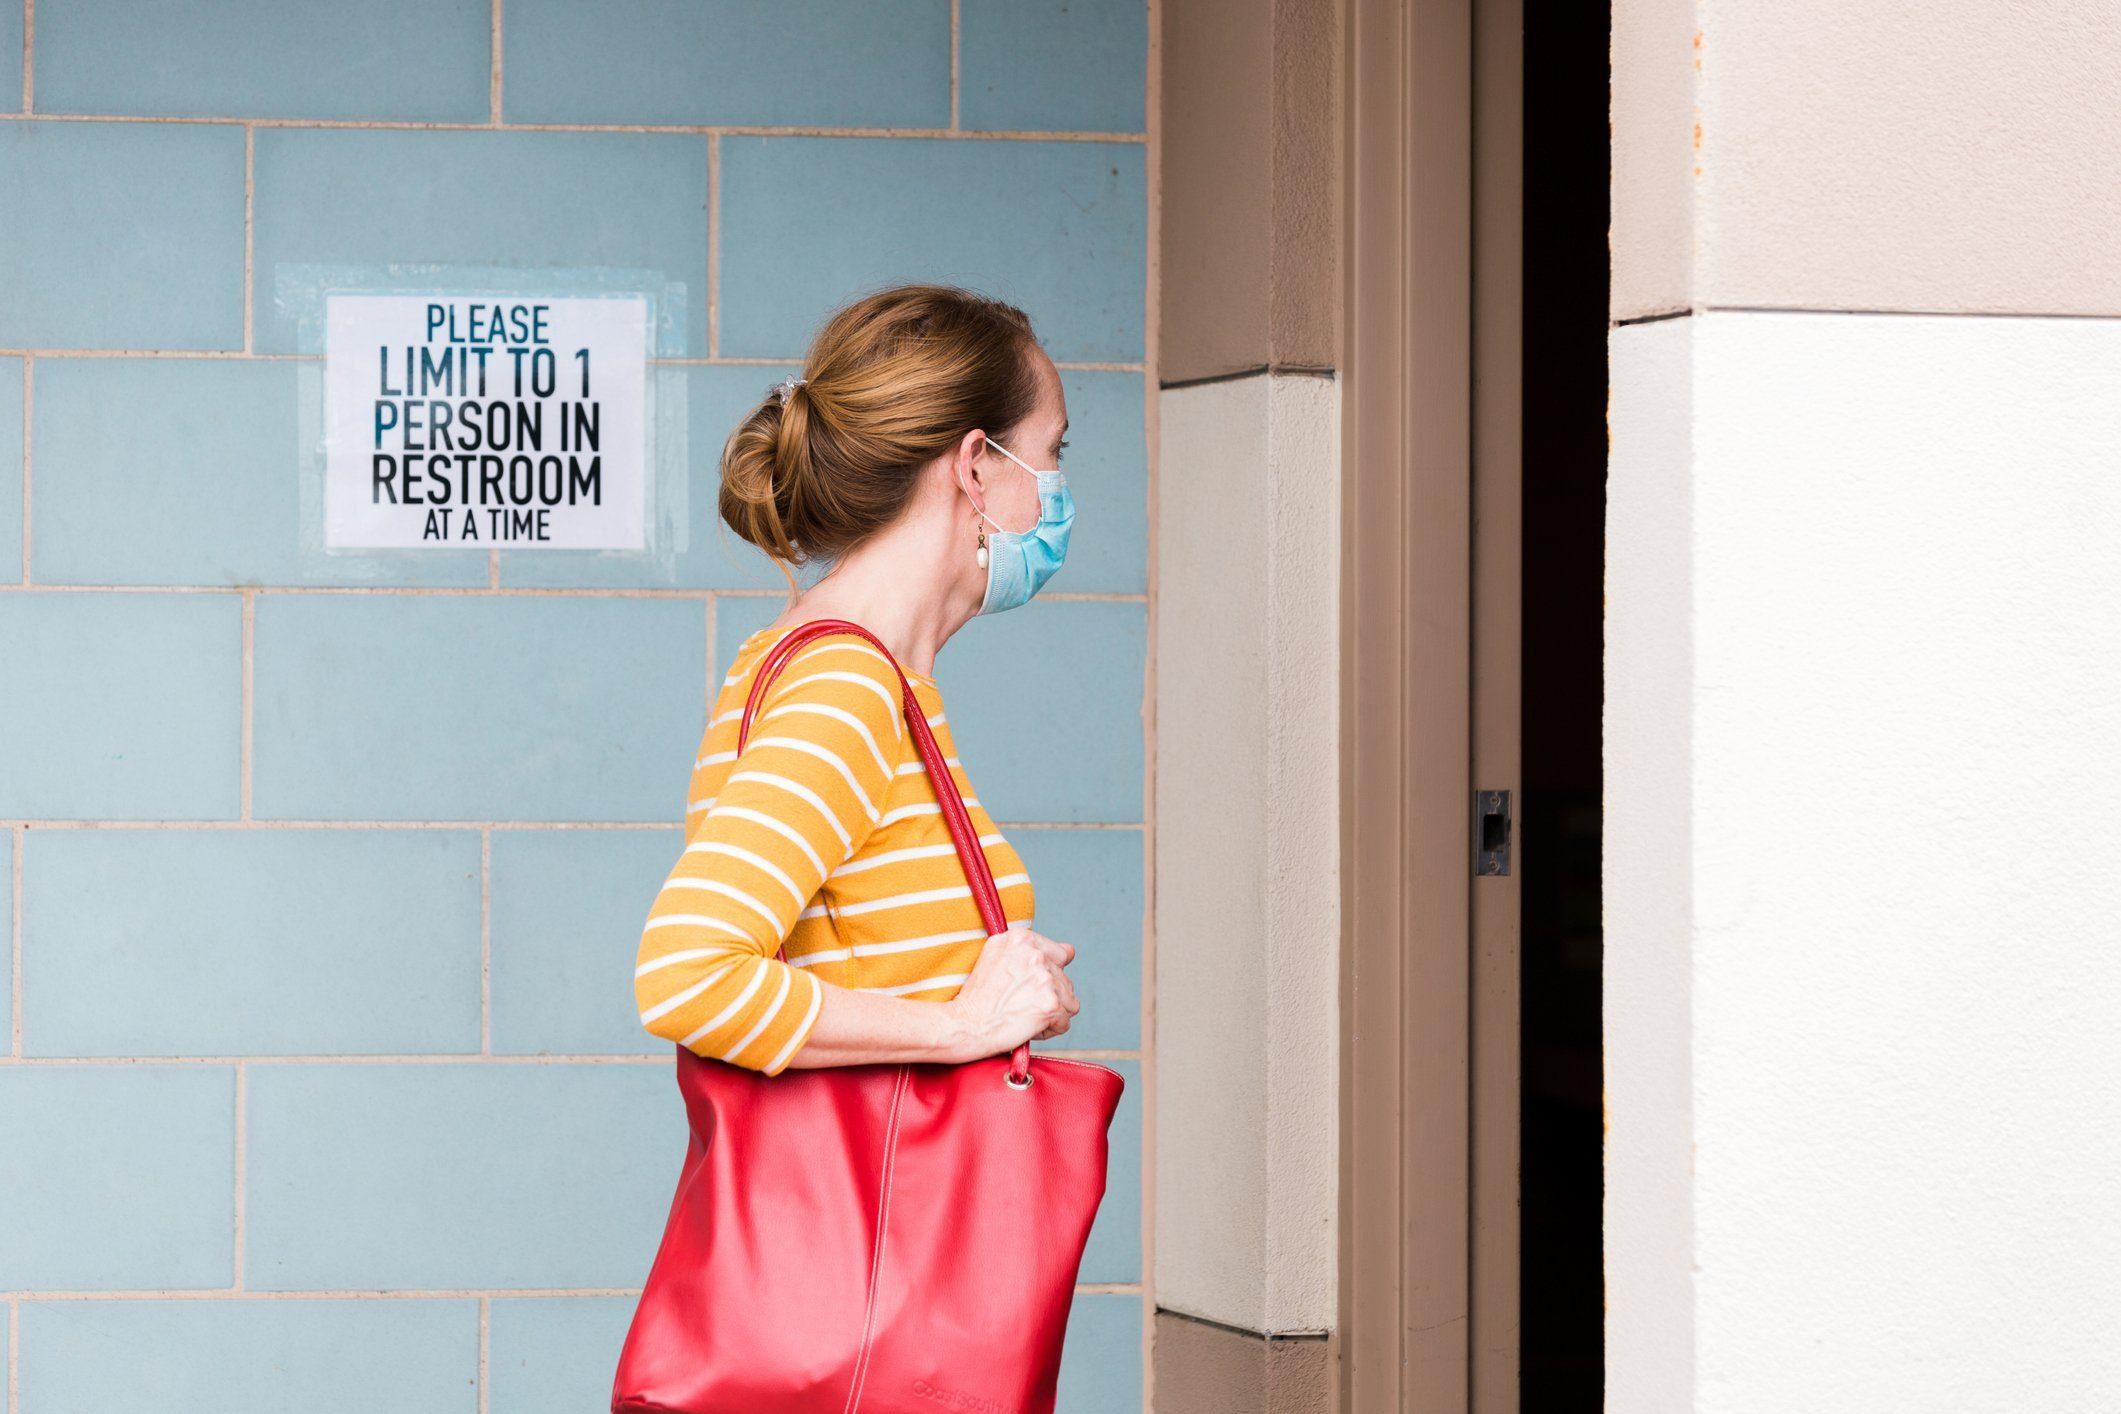 public restroom during coronavirus | public restroom during coronavirus